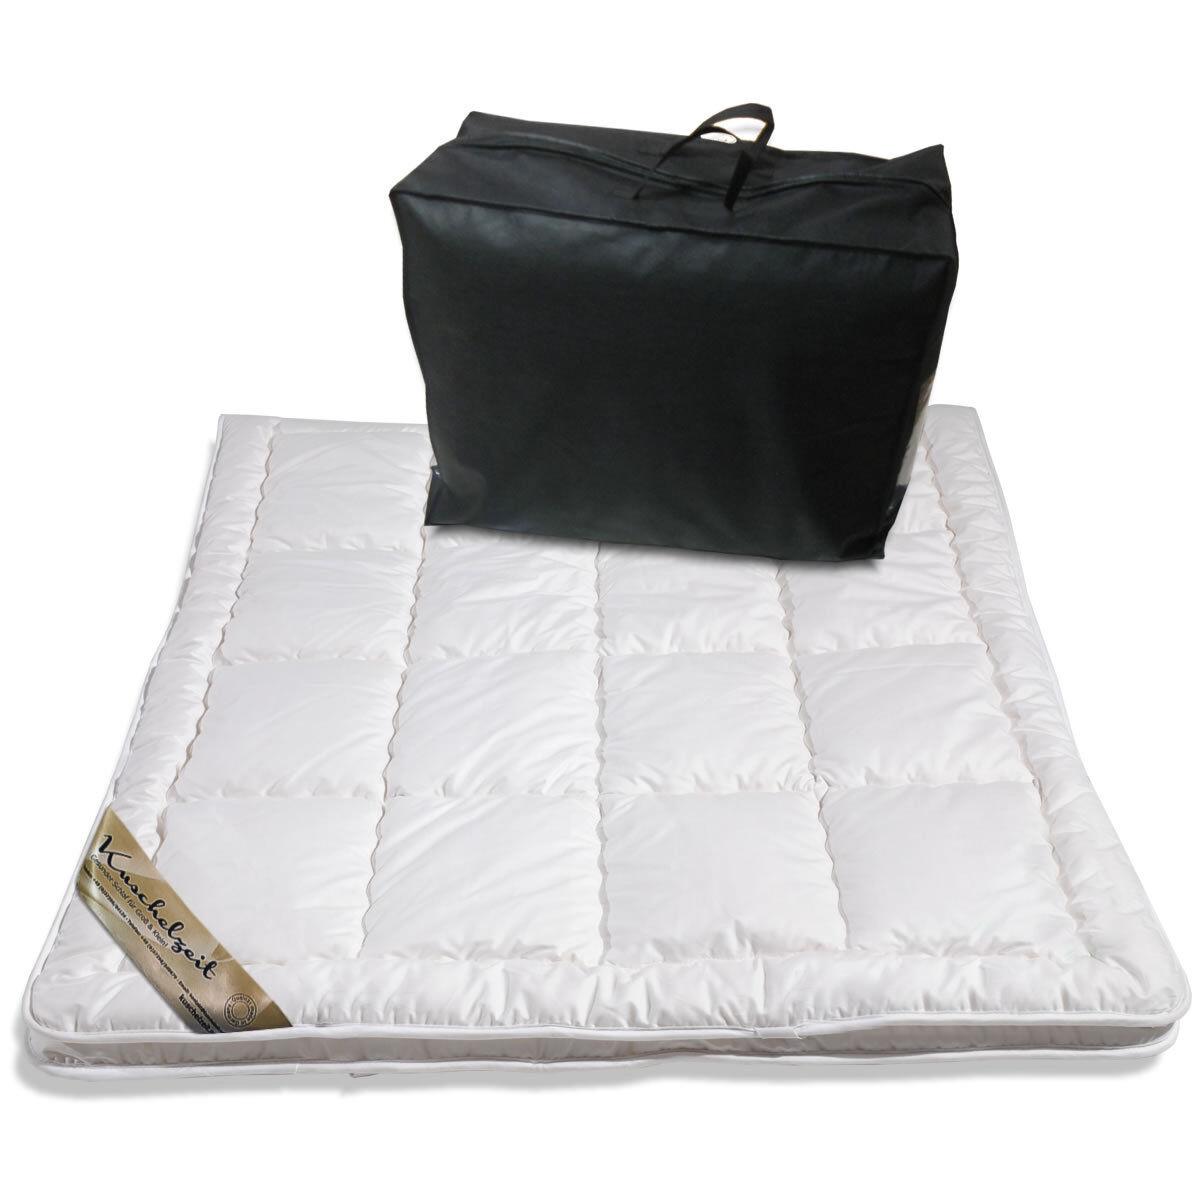 Merino Schaf-Schurwoll Unterbett Matratzenauflage Baumwollbezug waschbar Auflage